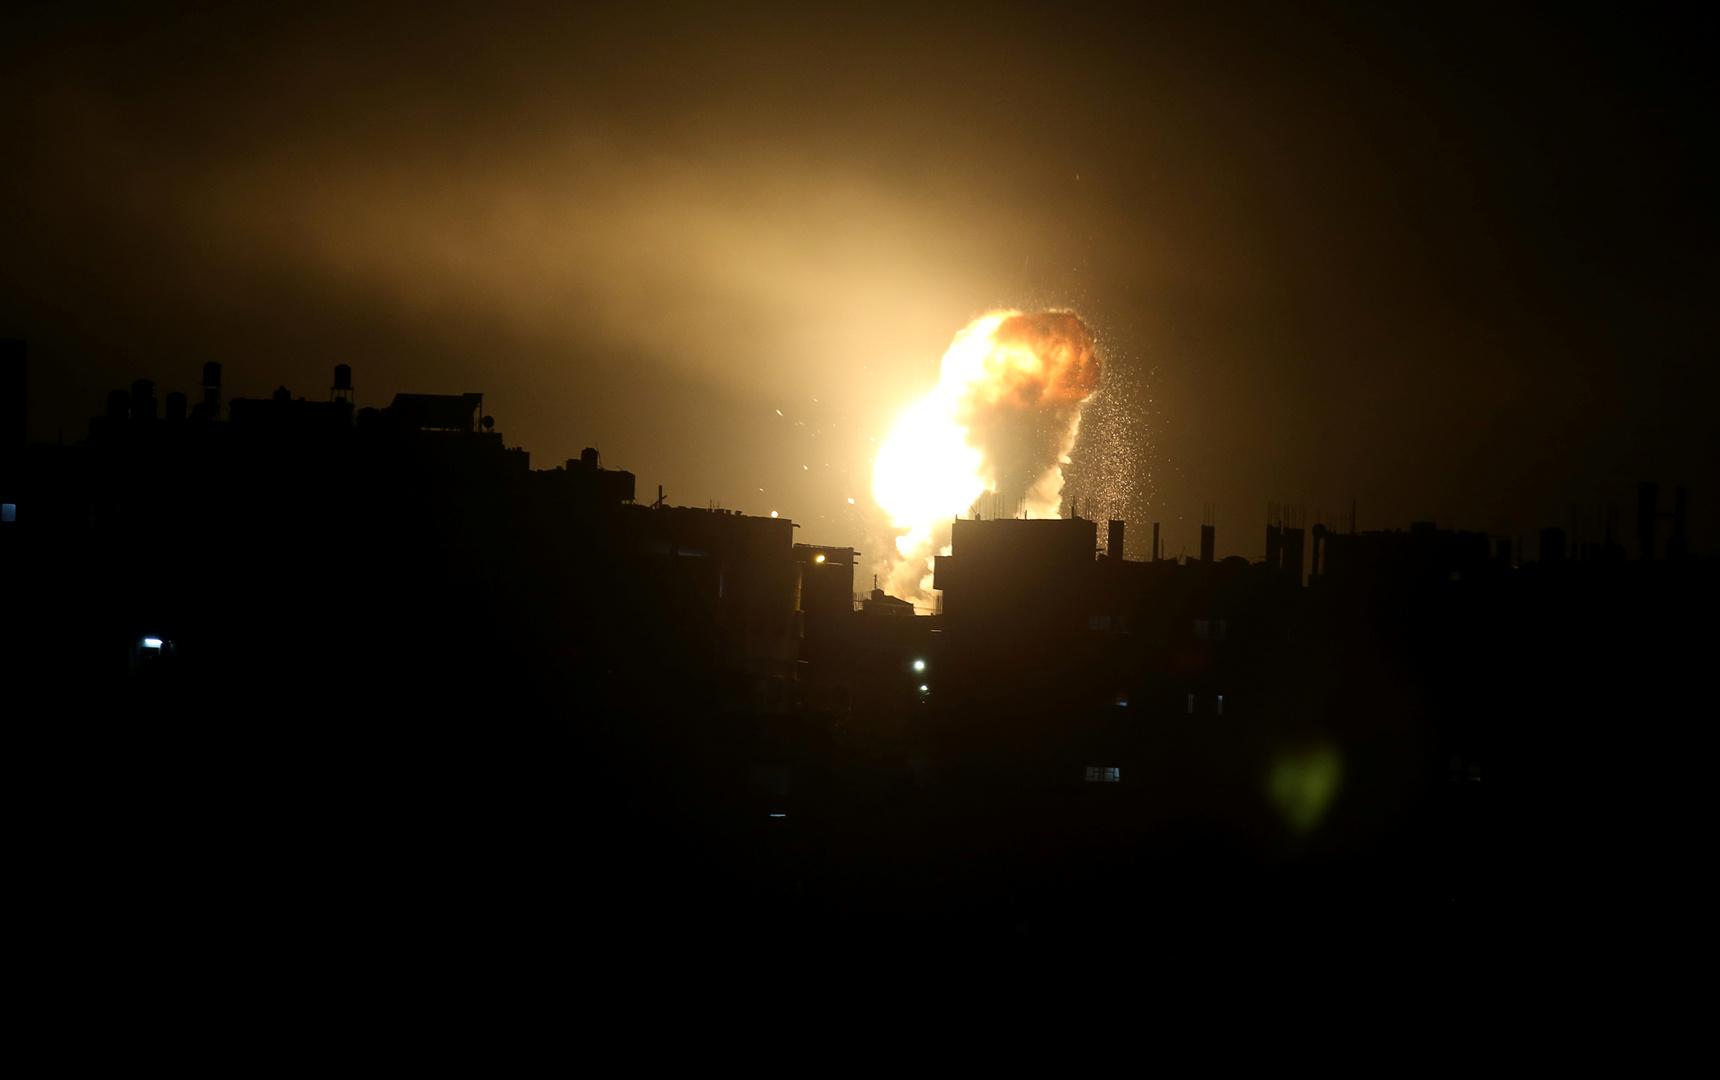 انفجار قوي يهز موقعا لاختبار الصواريخ وسط إسرائيل